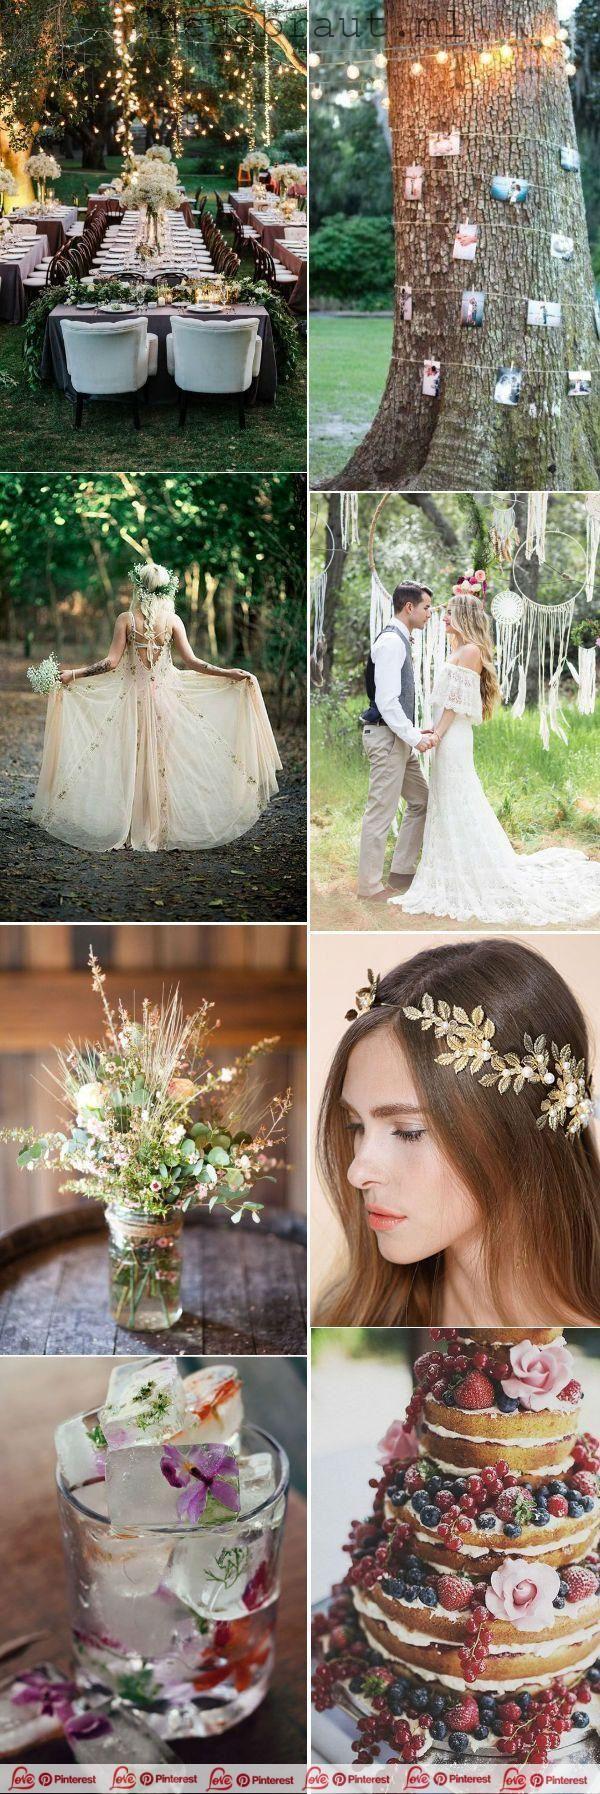 Bohmische Hochzeitsideen Des Fruhlinges 2019 Bohmische